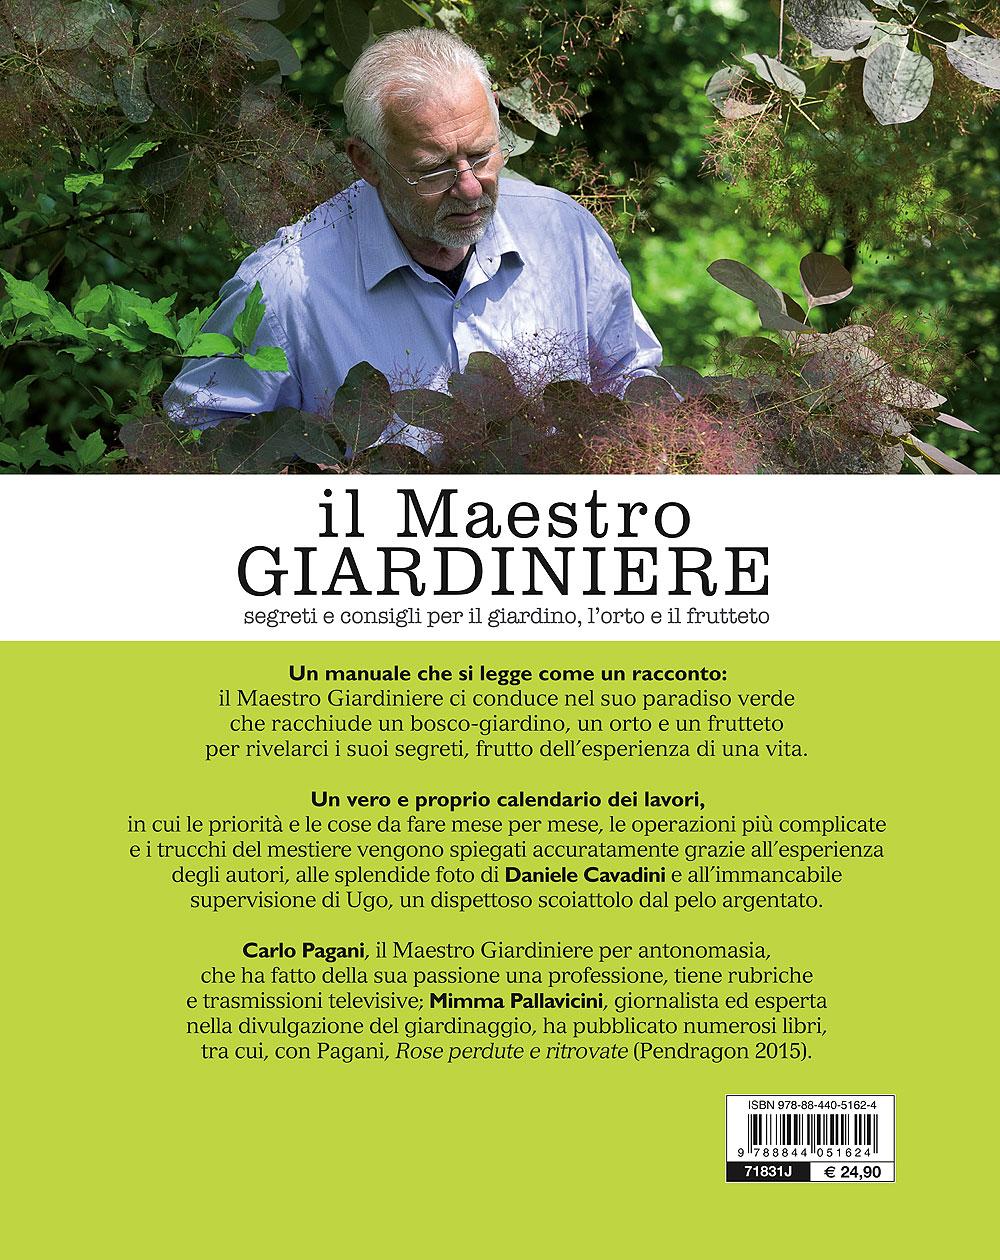 Il Maestro Giardiniere